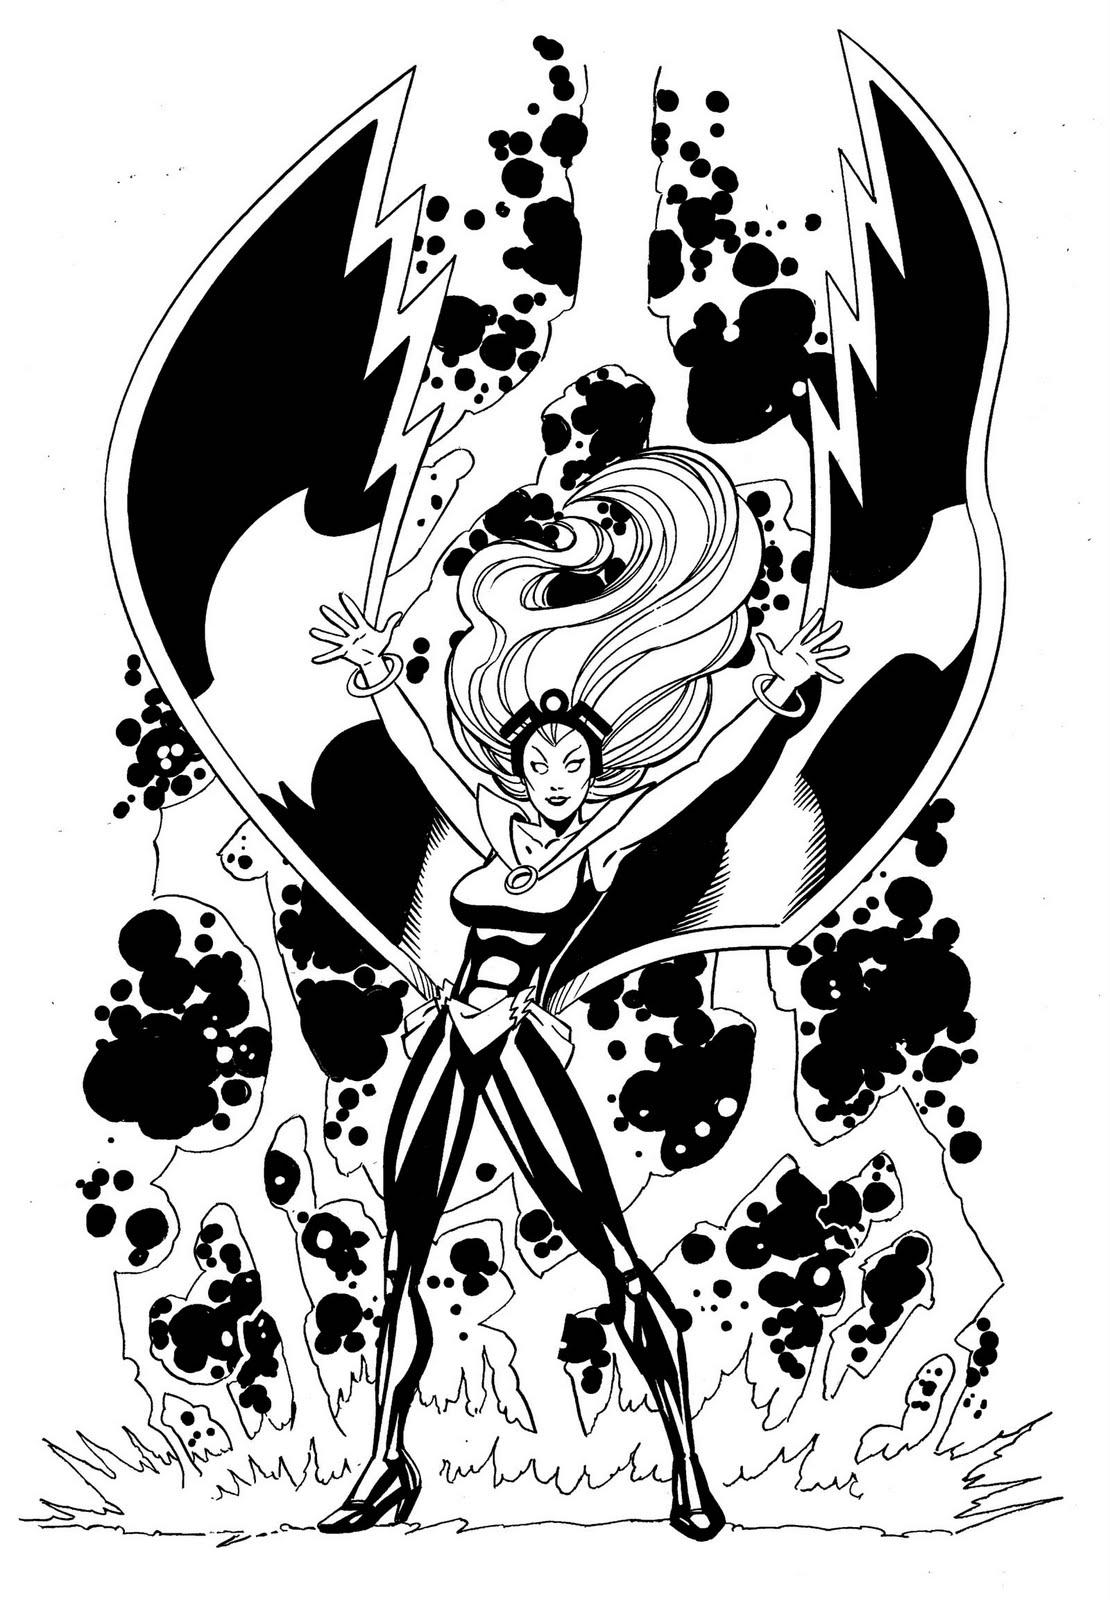 black and white marvel super hero topsimages Marvel Hero Masher Com scott koblish more stuff from marvel super heroes magazine 1110x1600 black and white marvel super